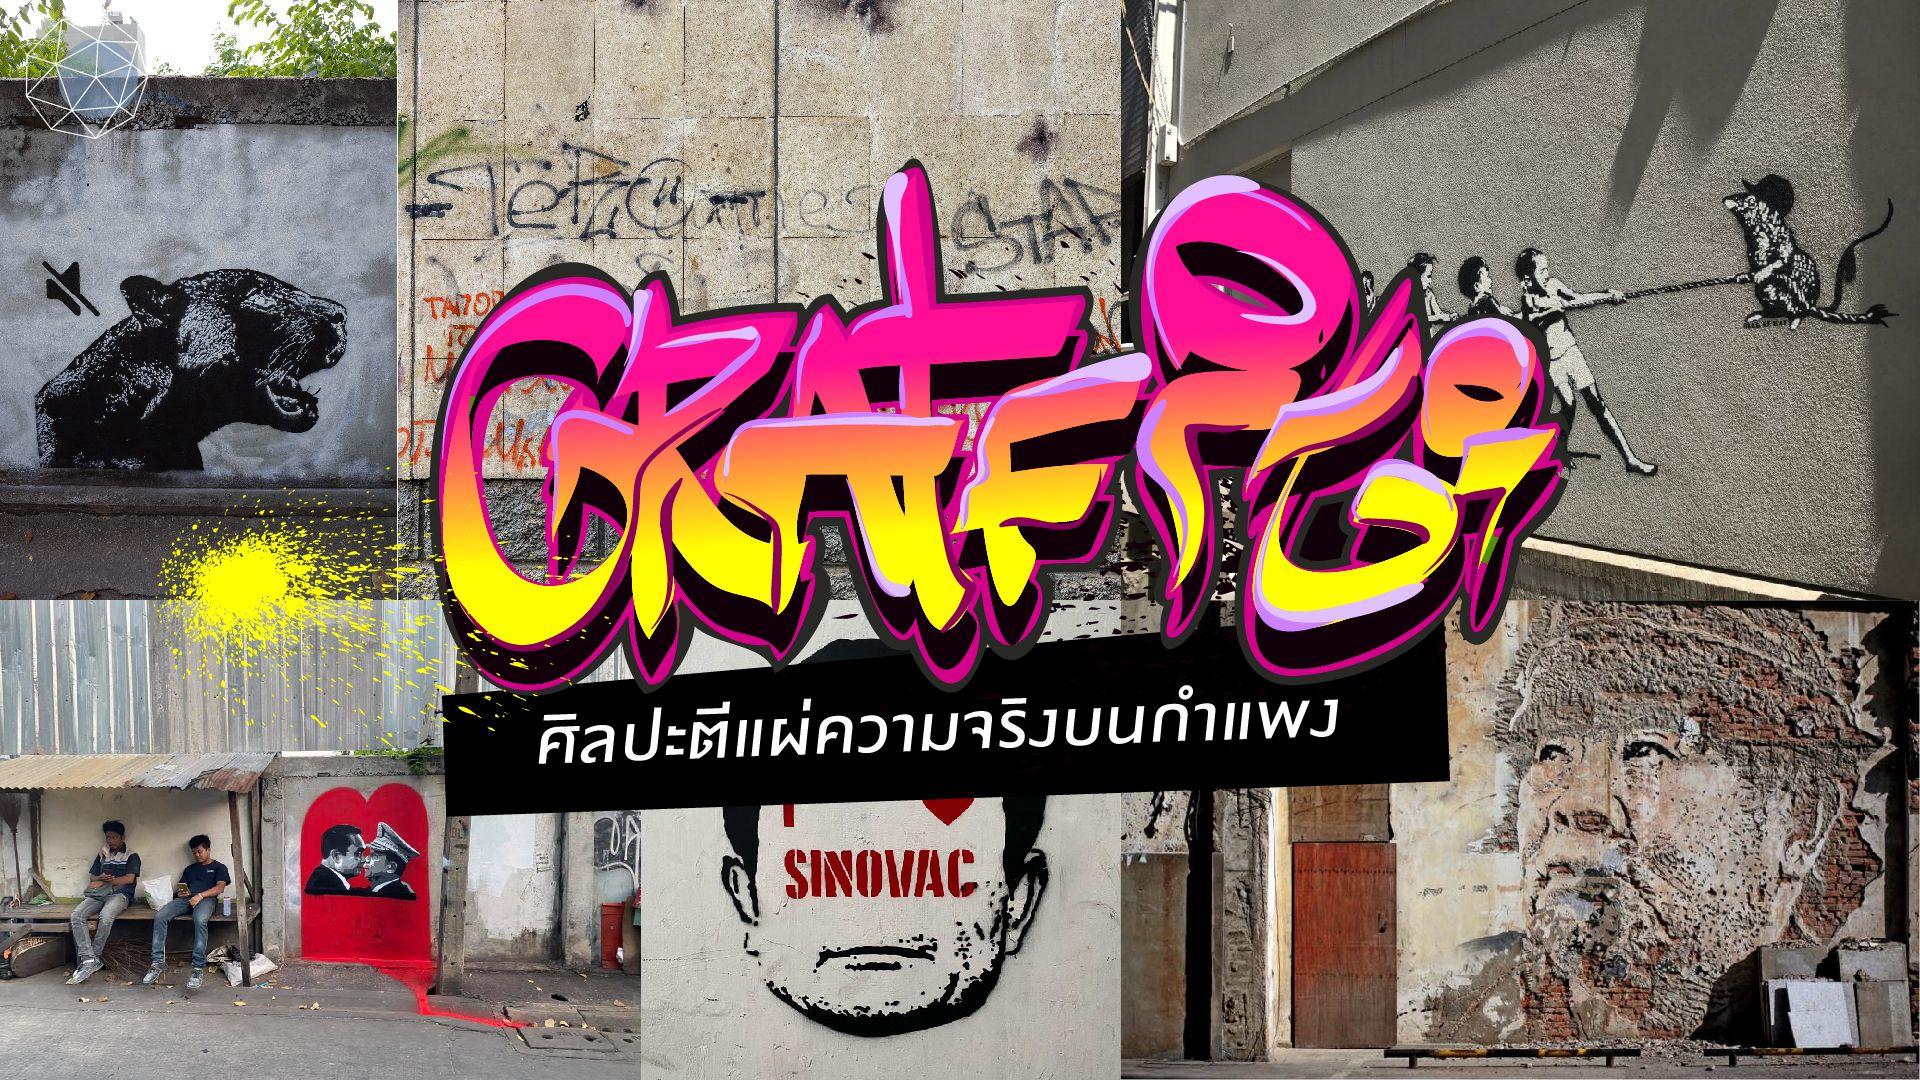 """""""กราฟฟิตี้"""" (Graffiti) ศิลปะตีแผ่ความจริงบนกำแพง"""